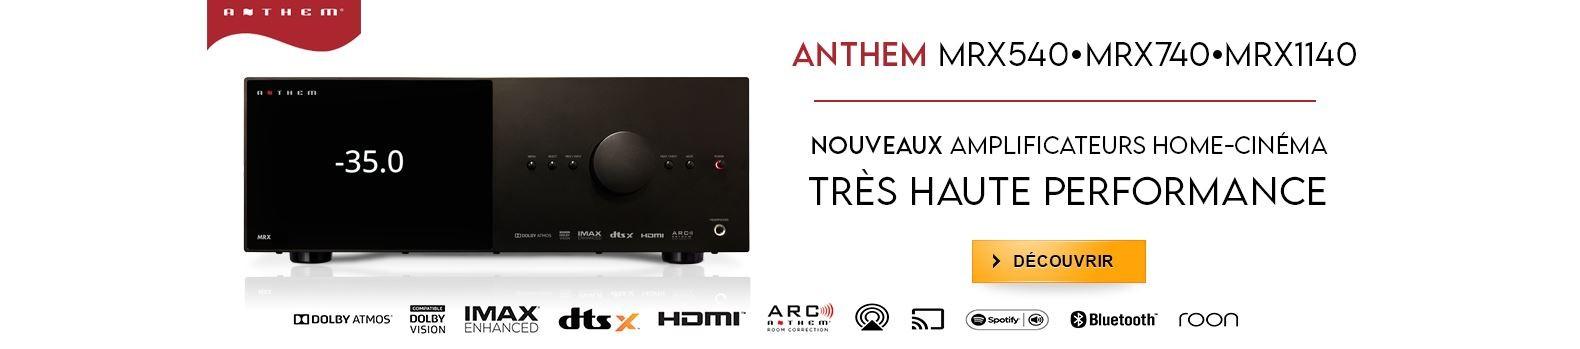 Nouveaux amplis Home cinéma Anthem MRX540 MRX740 et MRX1140